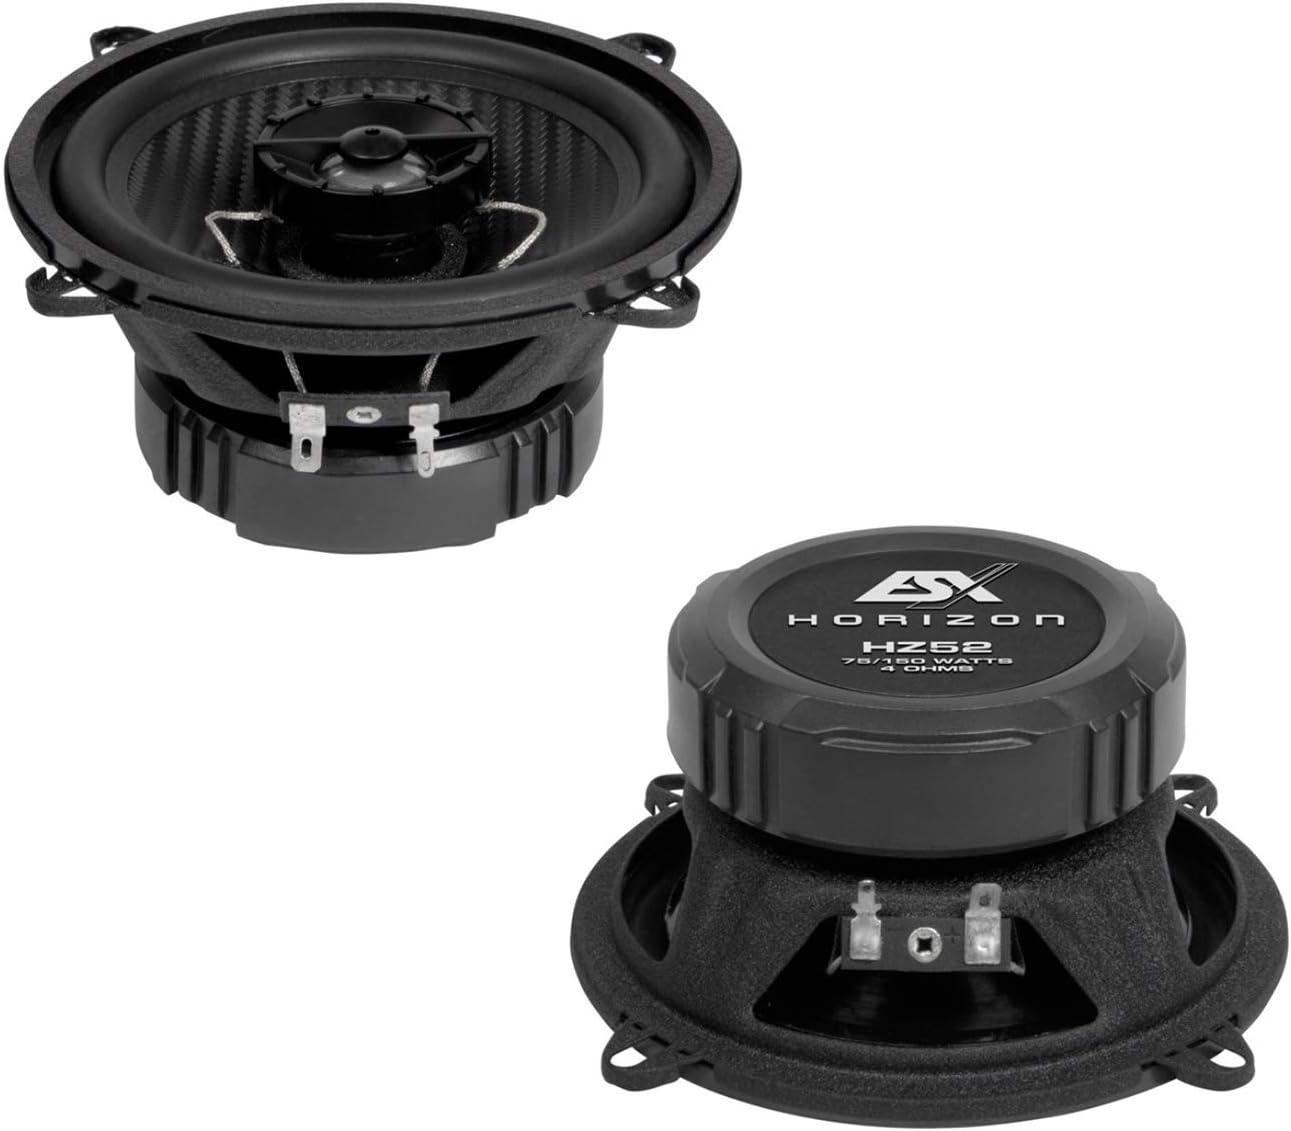 Lautsprecher System Für Den Fußraum Vorne Kompatibel Elektronik